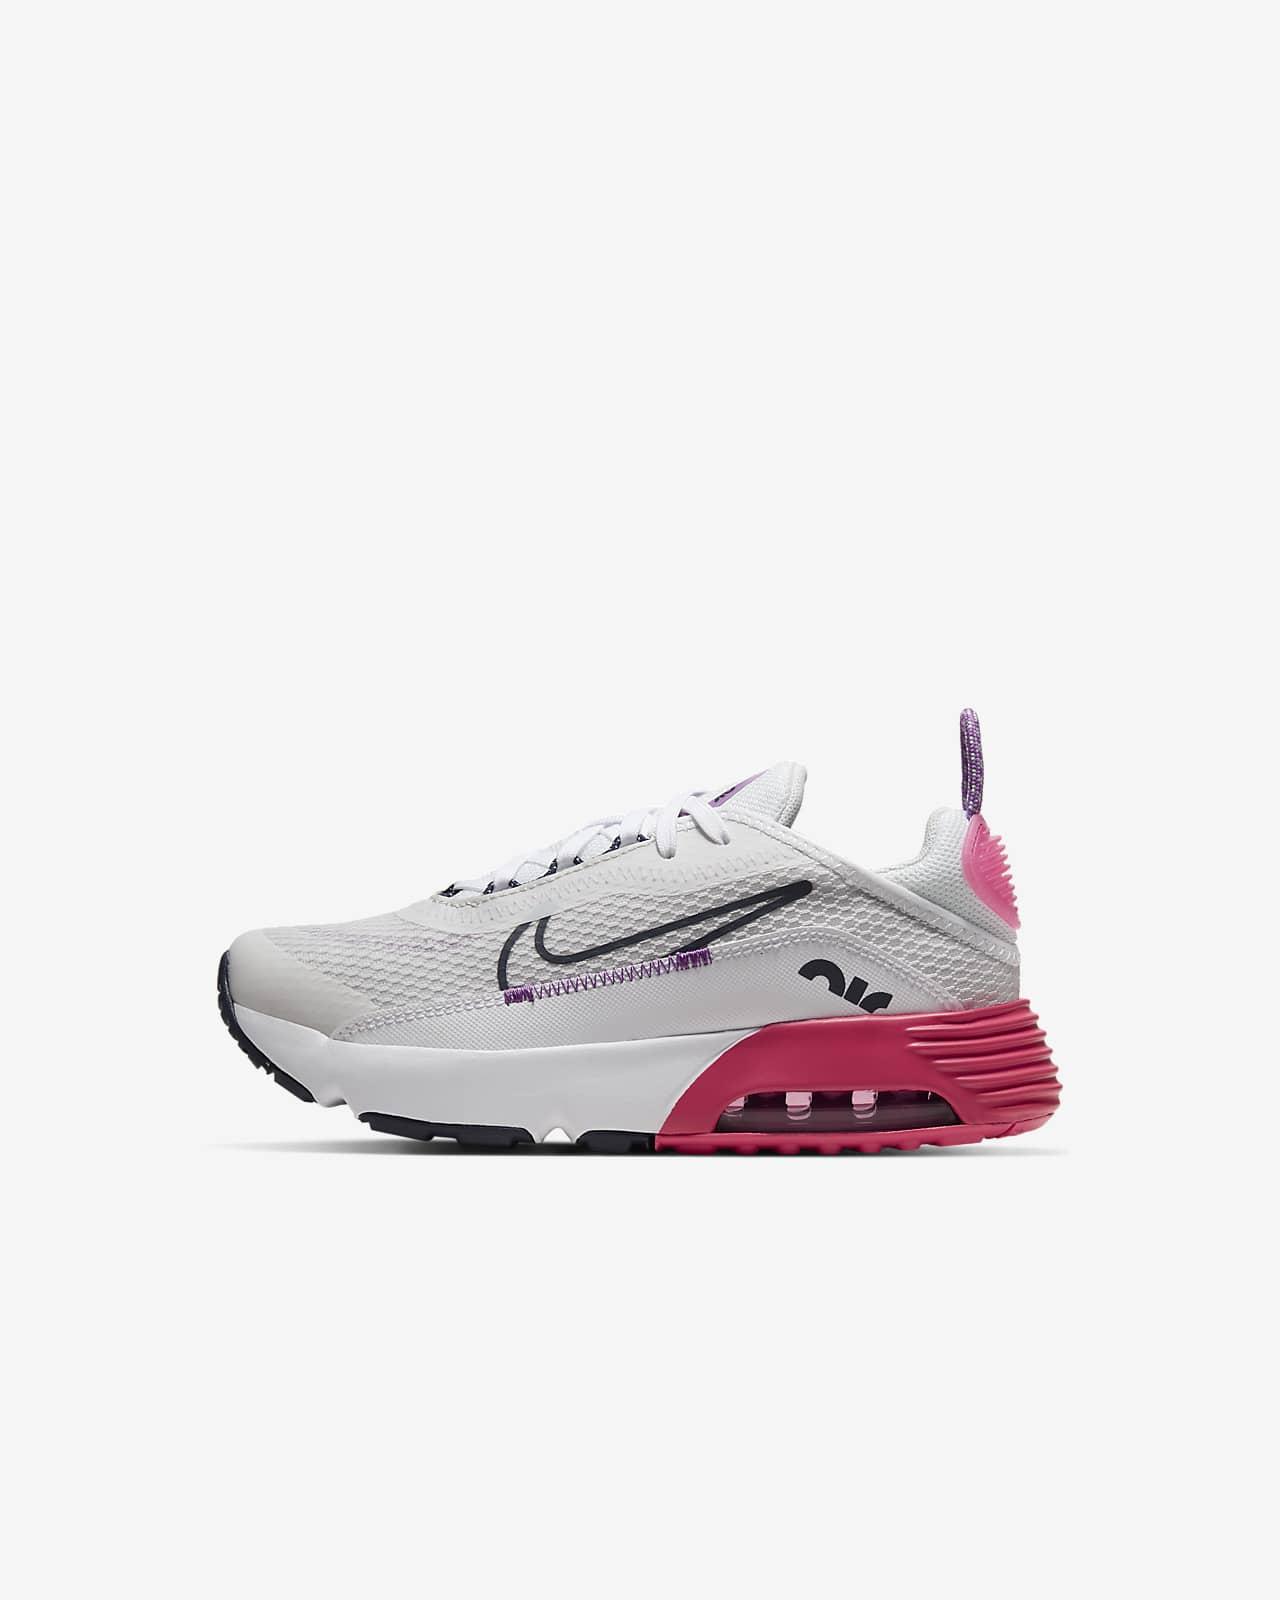 Sko Nike Air Max 2090 för små barn